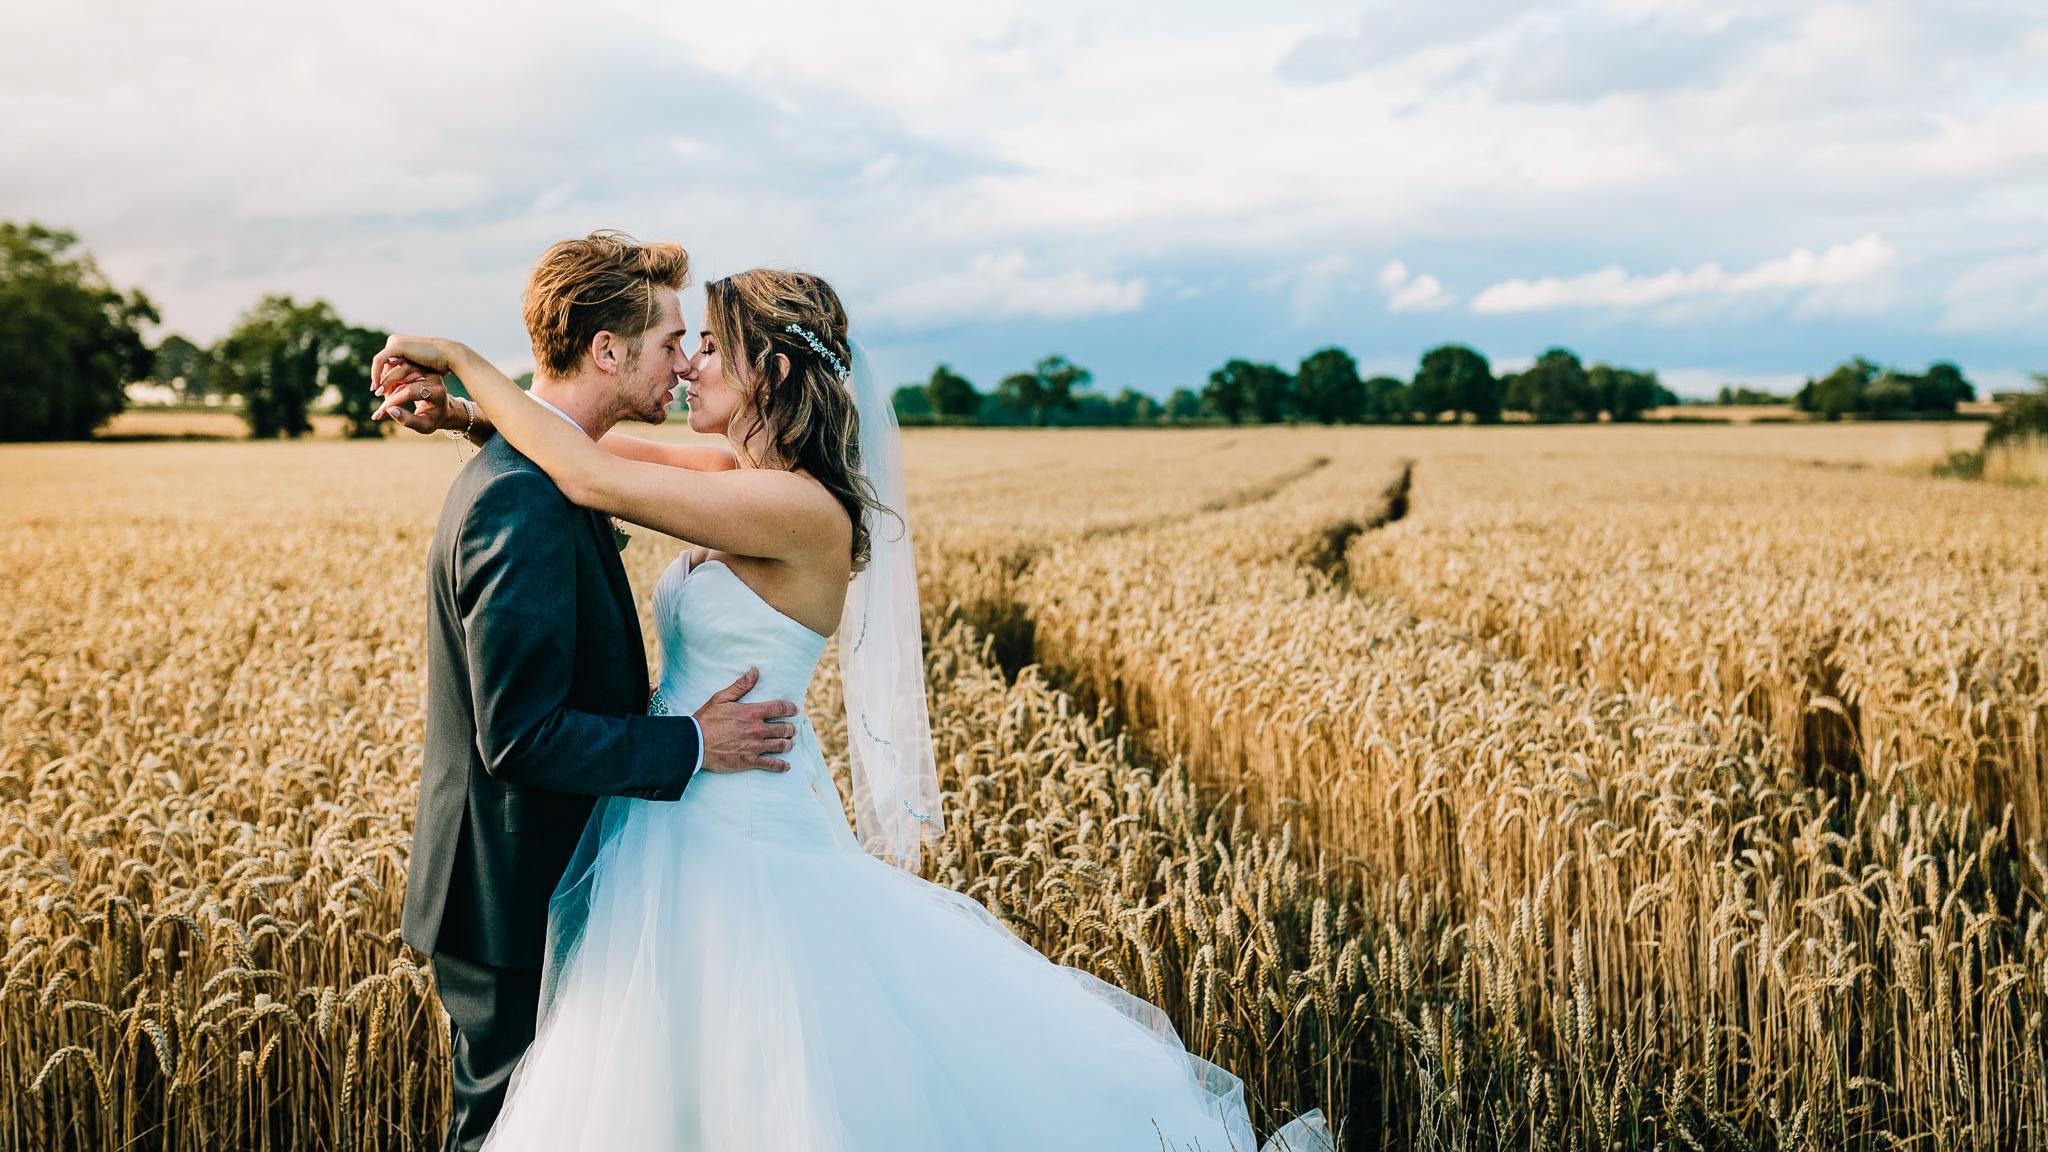 CREATIVE COUPLE PORTRAIT AT MYTHE BARN WEDDING VENUE